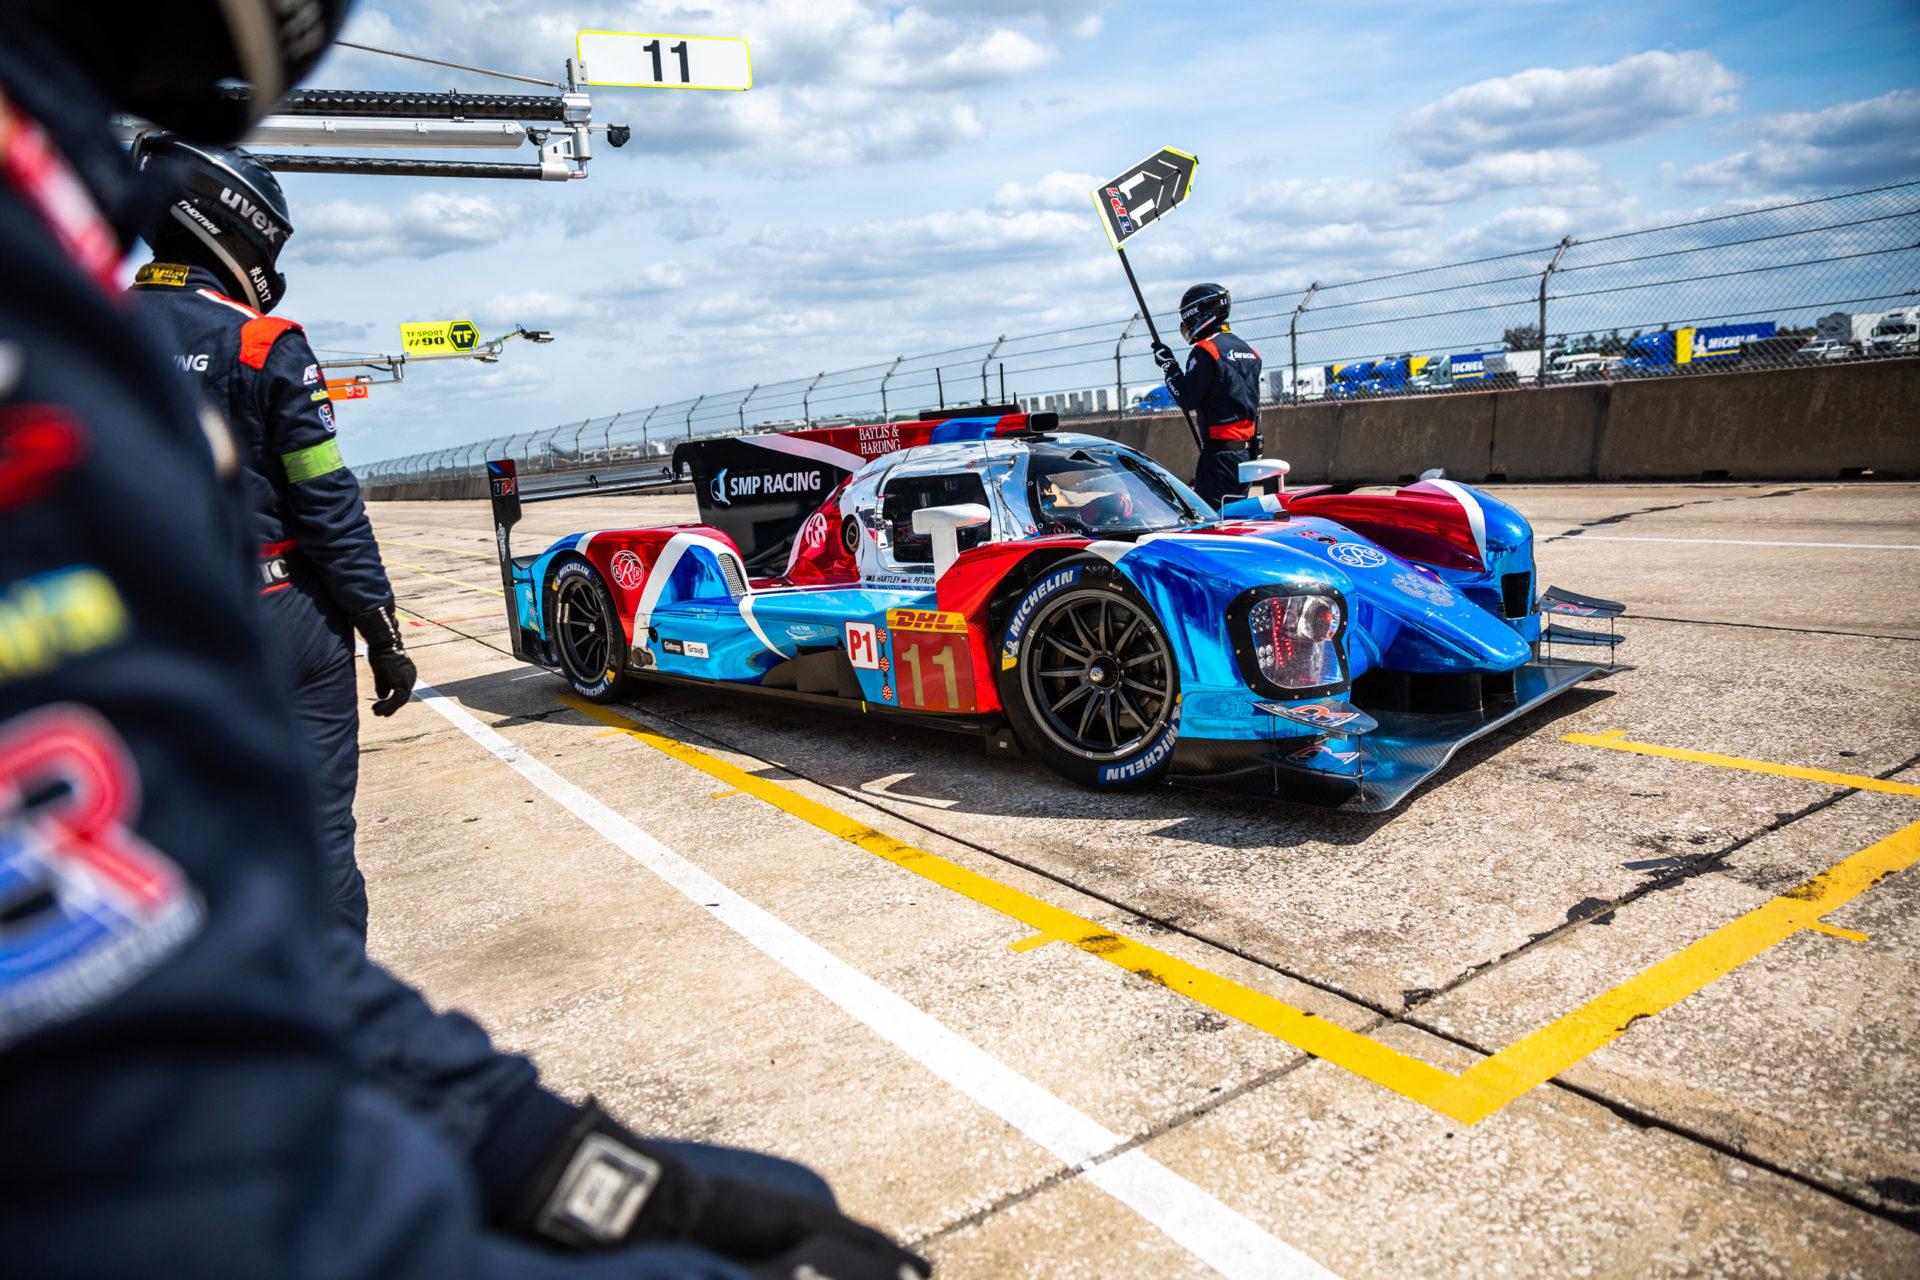 Экипажи SMP Racing стартуют с четвёртой и пятой позиций в гонке «1000 миль Себринга»